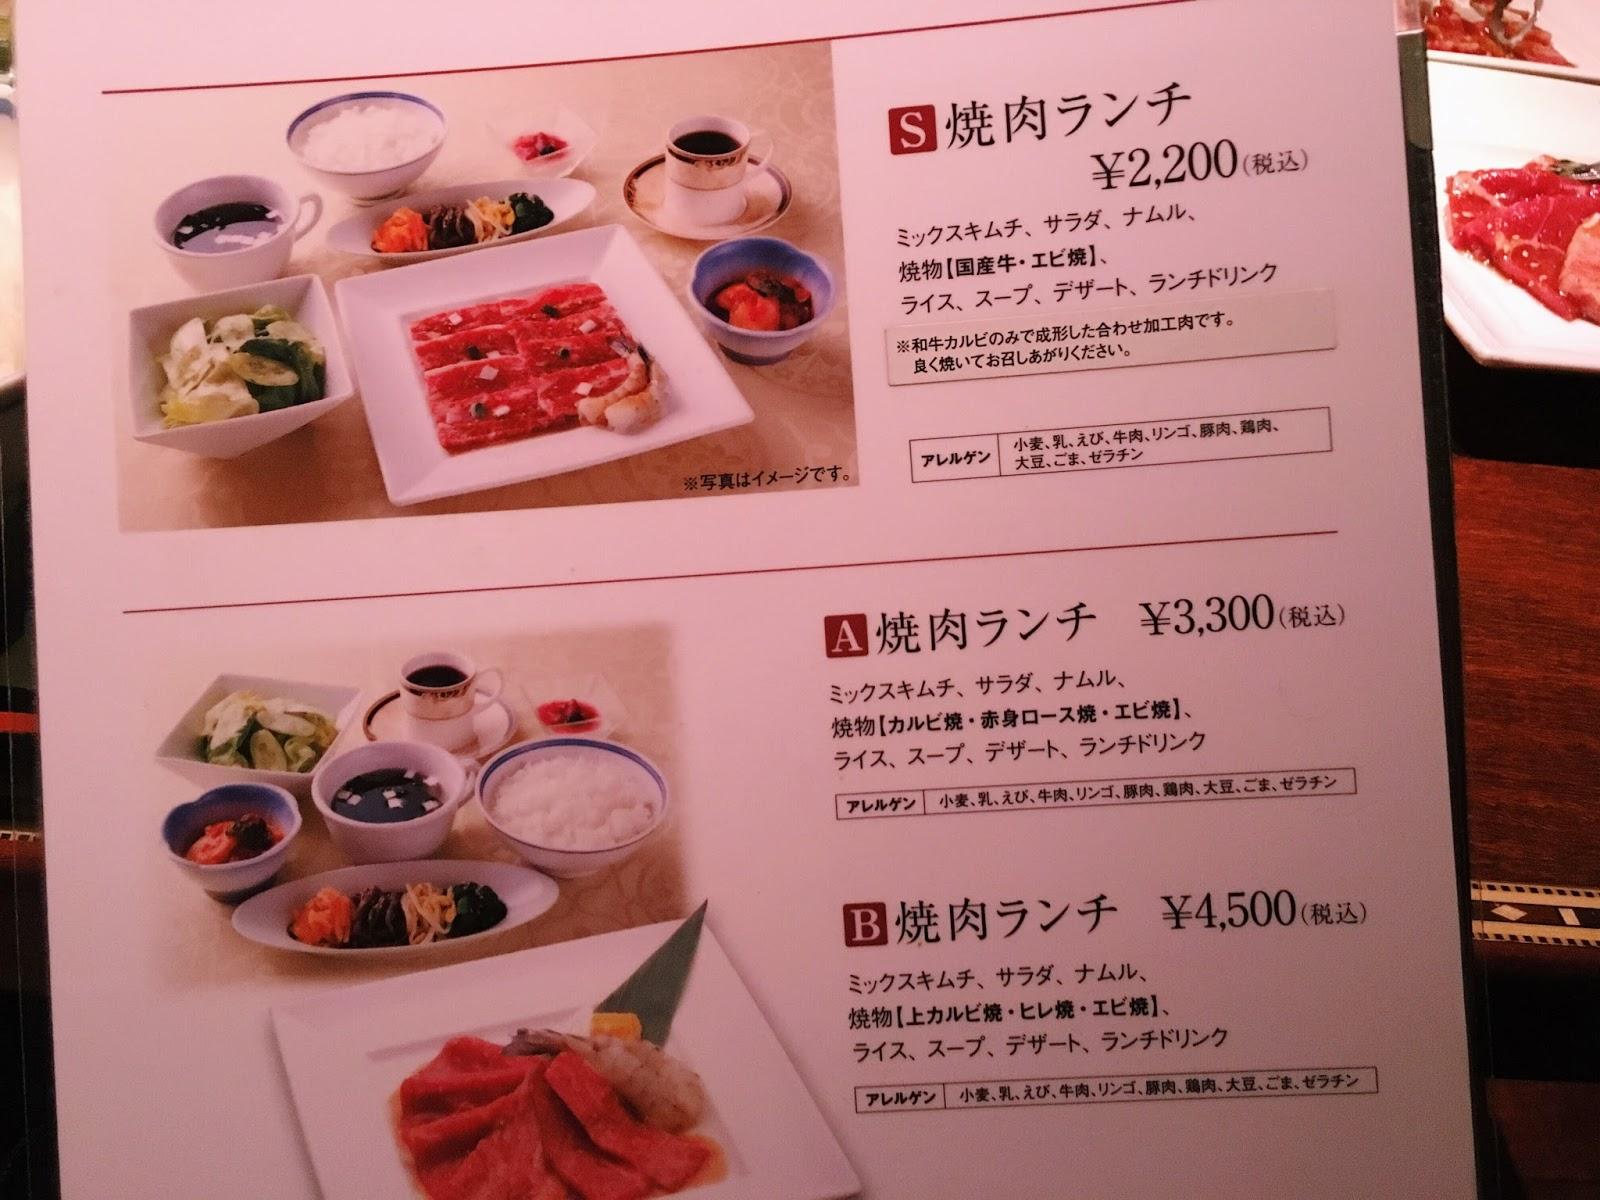 【東京】超人氣的日本必吃燒肉敘敘苑,劃算的午間套餐 - Hi I'm 57